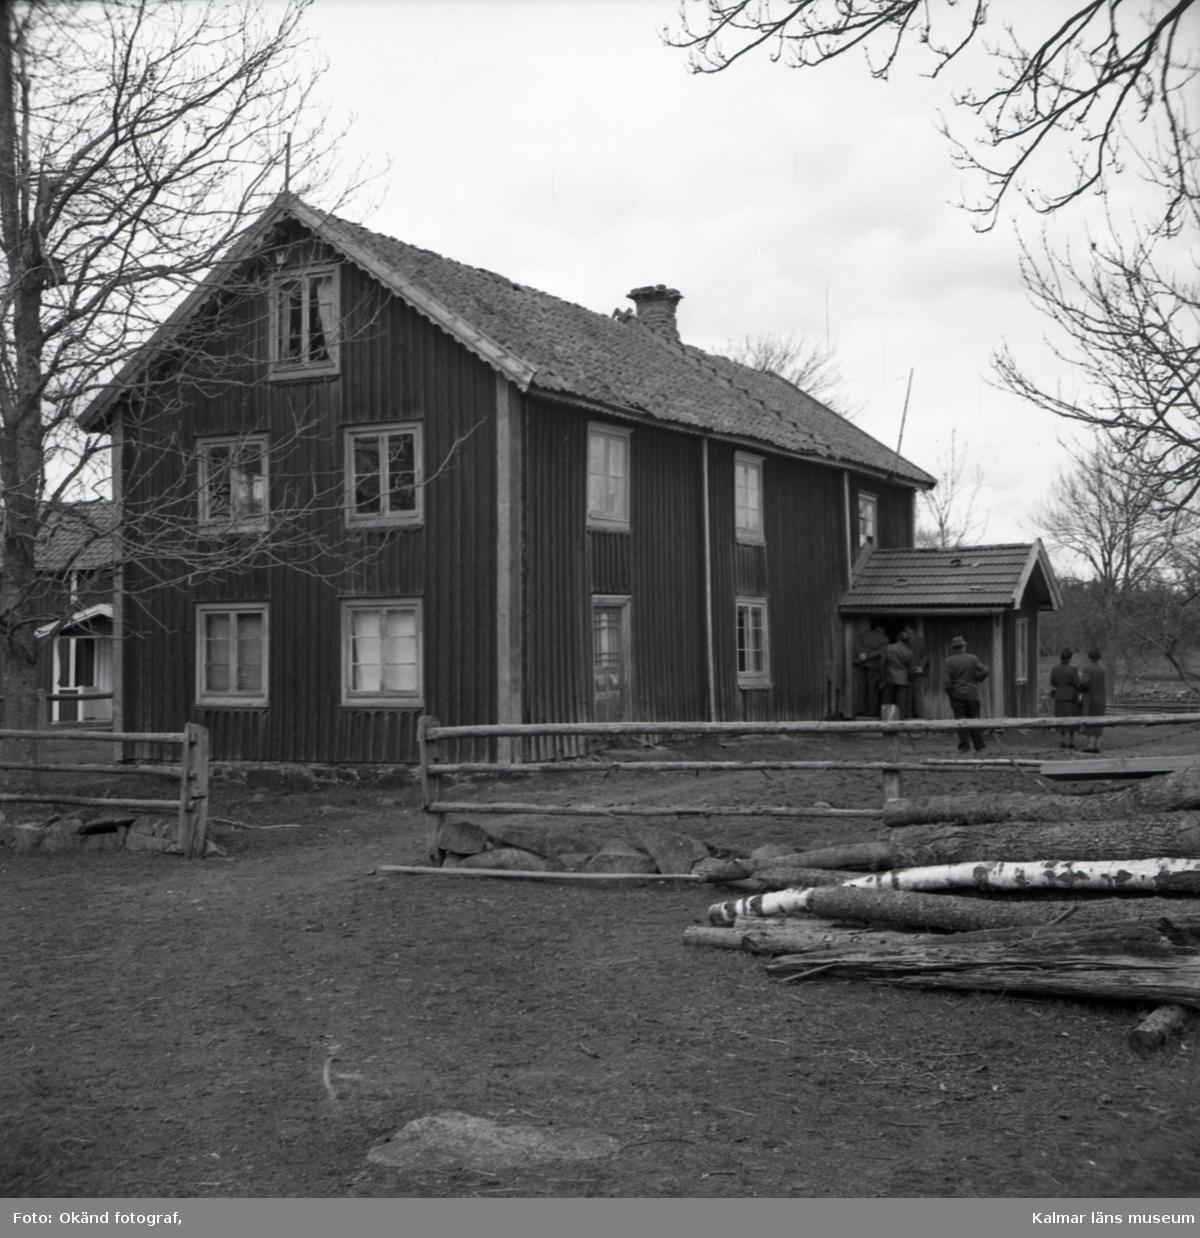 Bild på en manbyggnad, staket och timmer.